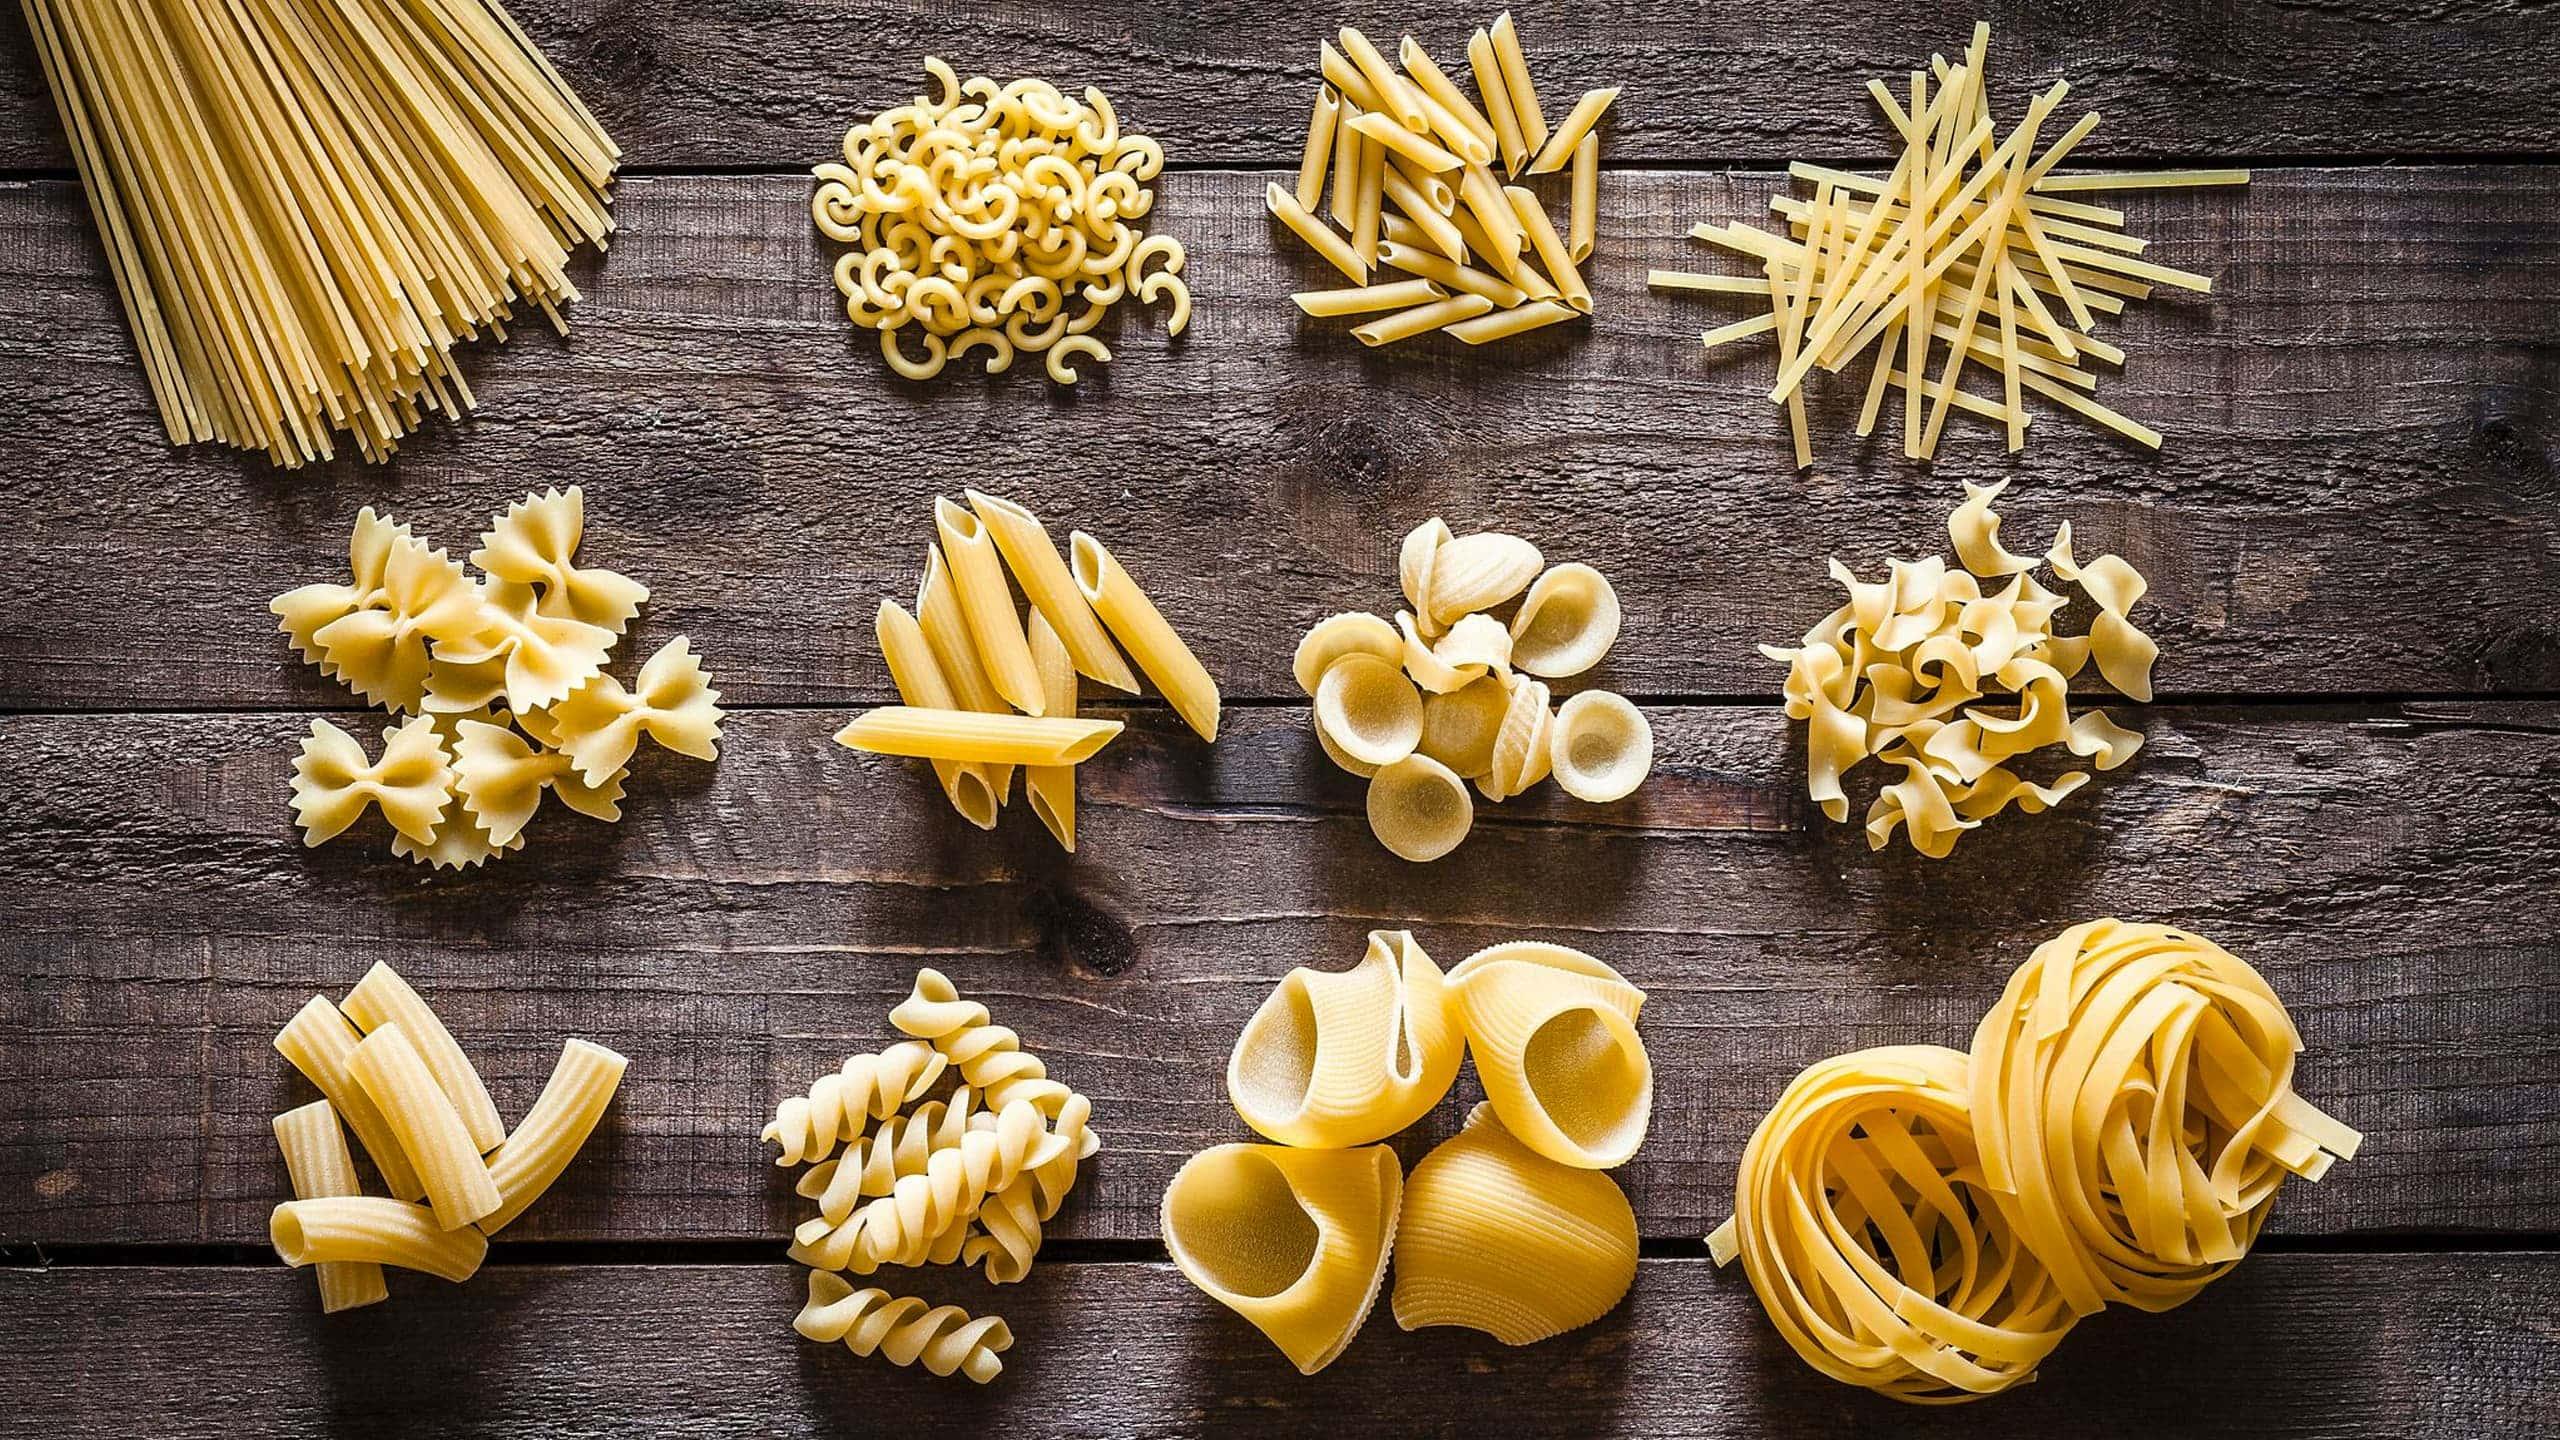 Vari formati di pasta